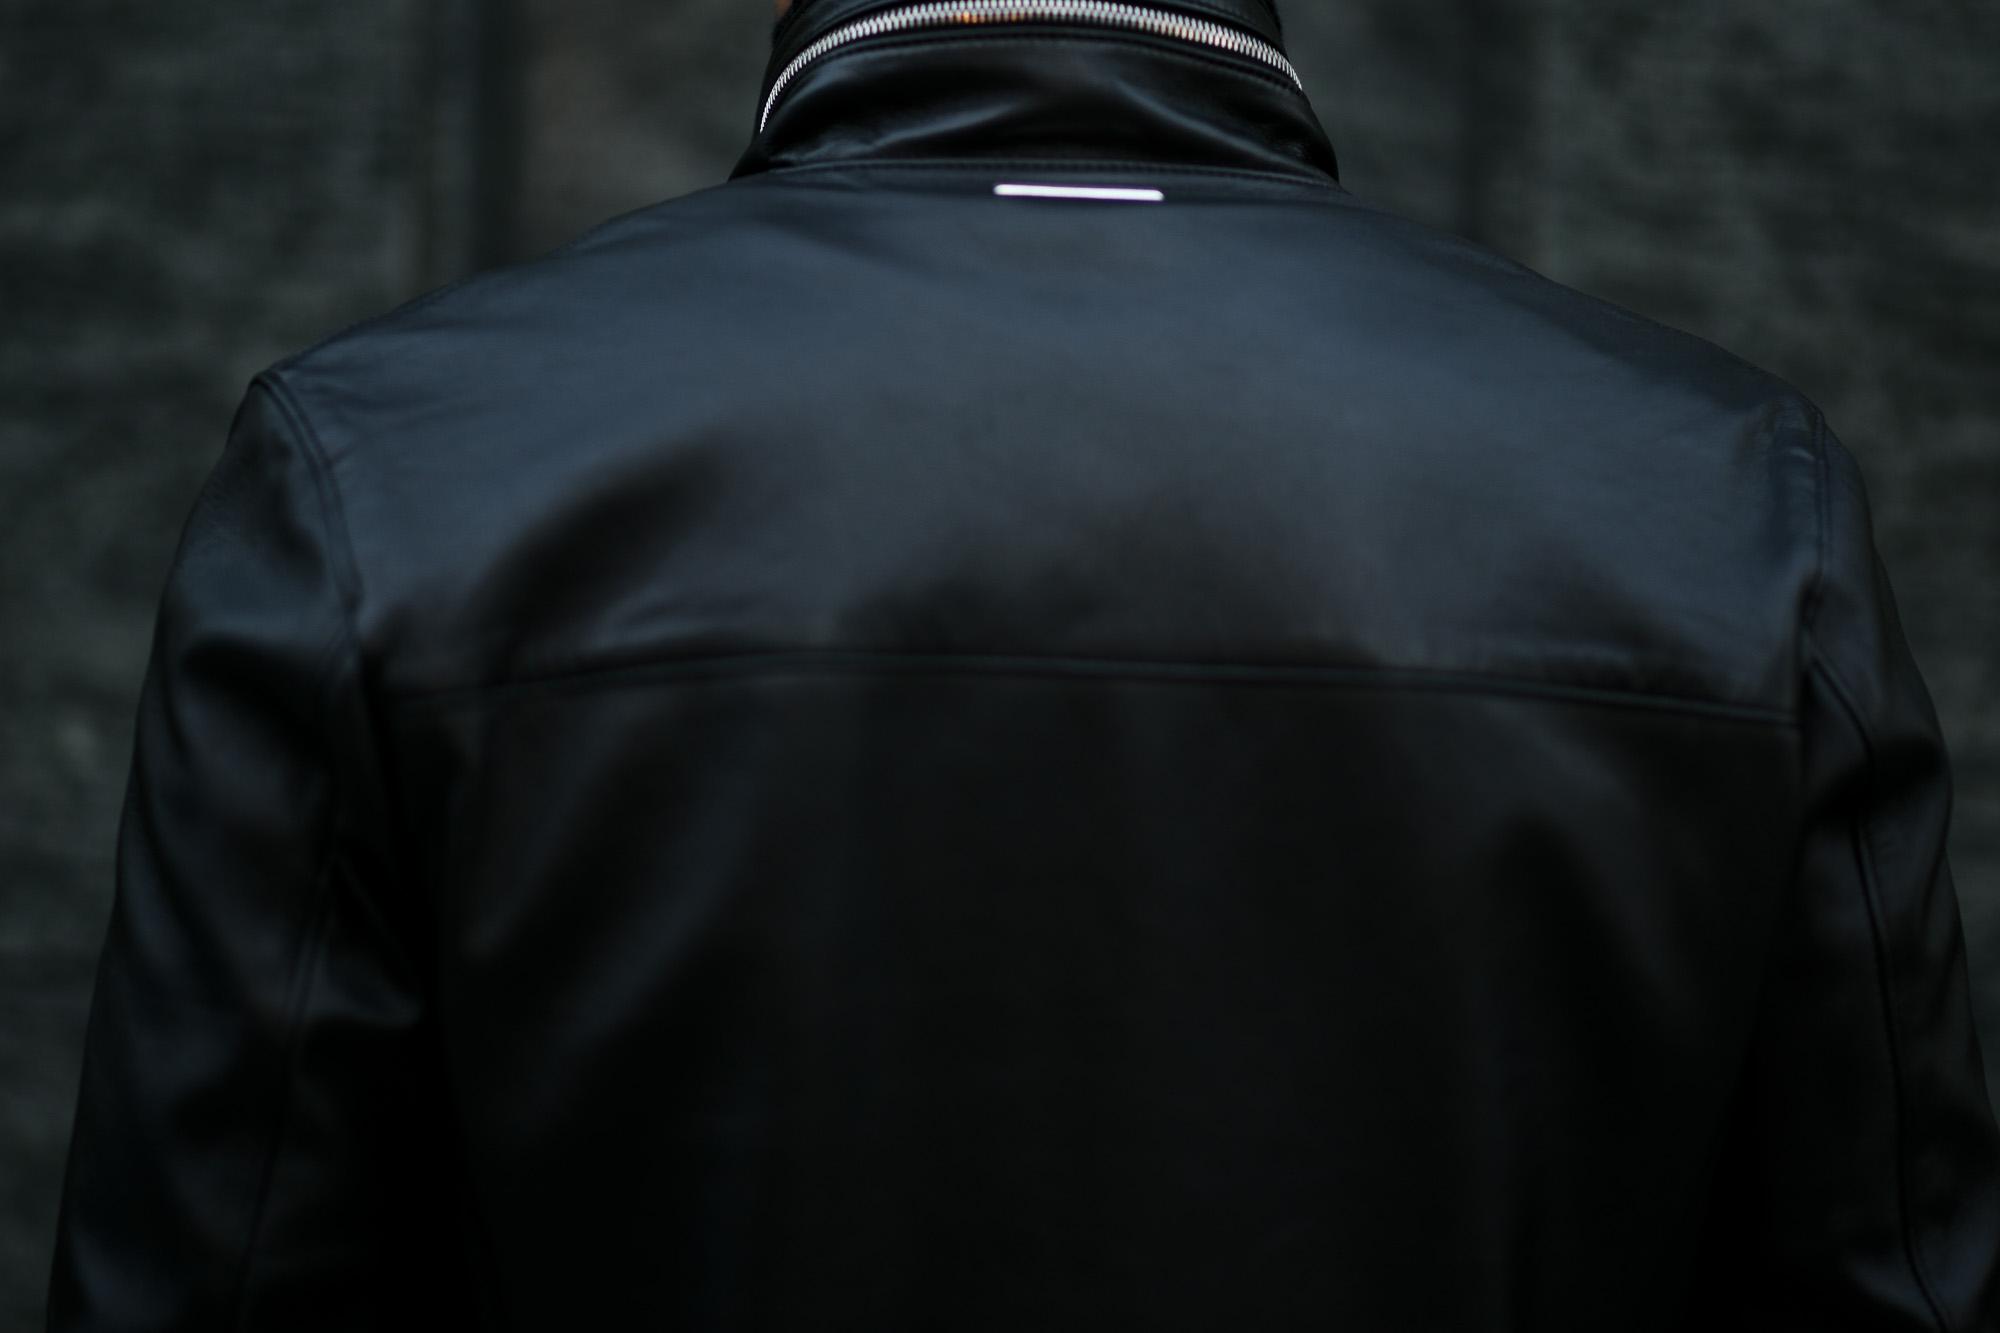 Georges de Patricia (ジョルジュ ド パトリシア) Huracan(ウラカン) 925 STERLING SILVER (925 スターリングシルバー) Super Soft Sheepskin ダブル ライダース ジャケット NOIR (ブラック) 2019 秋冬新作  愛知 名古屋 alto e diritto アルトエデリット